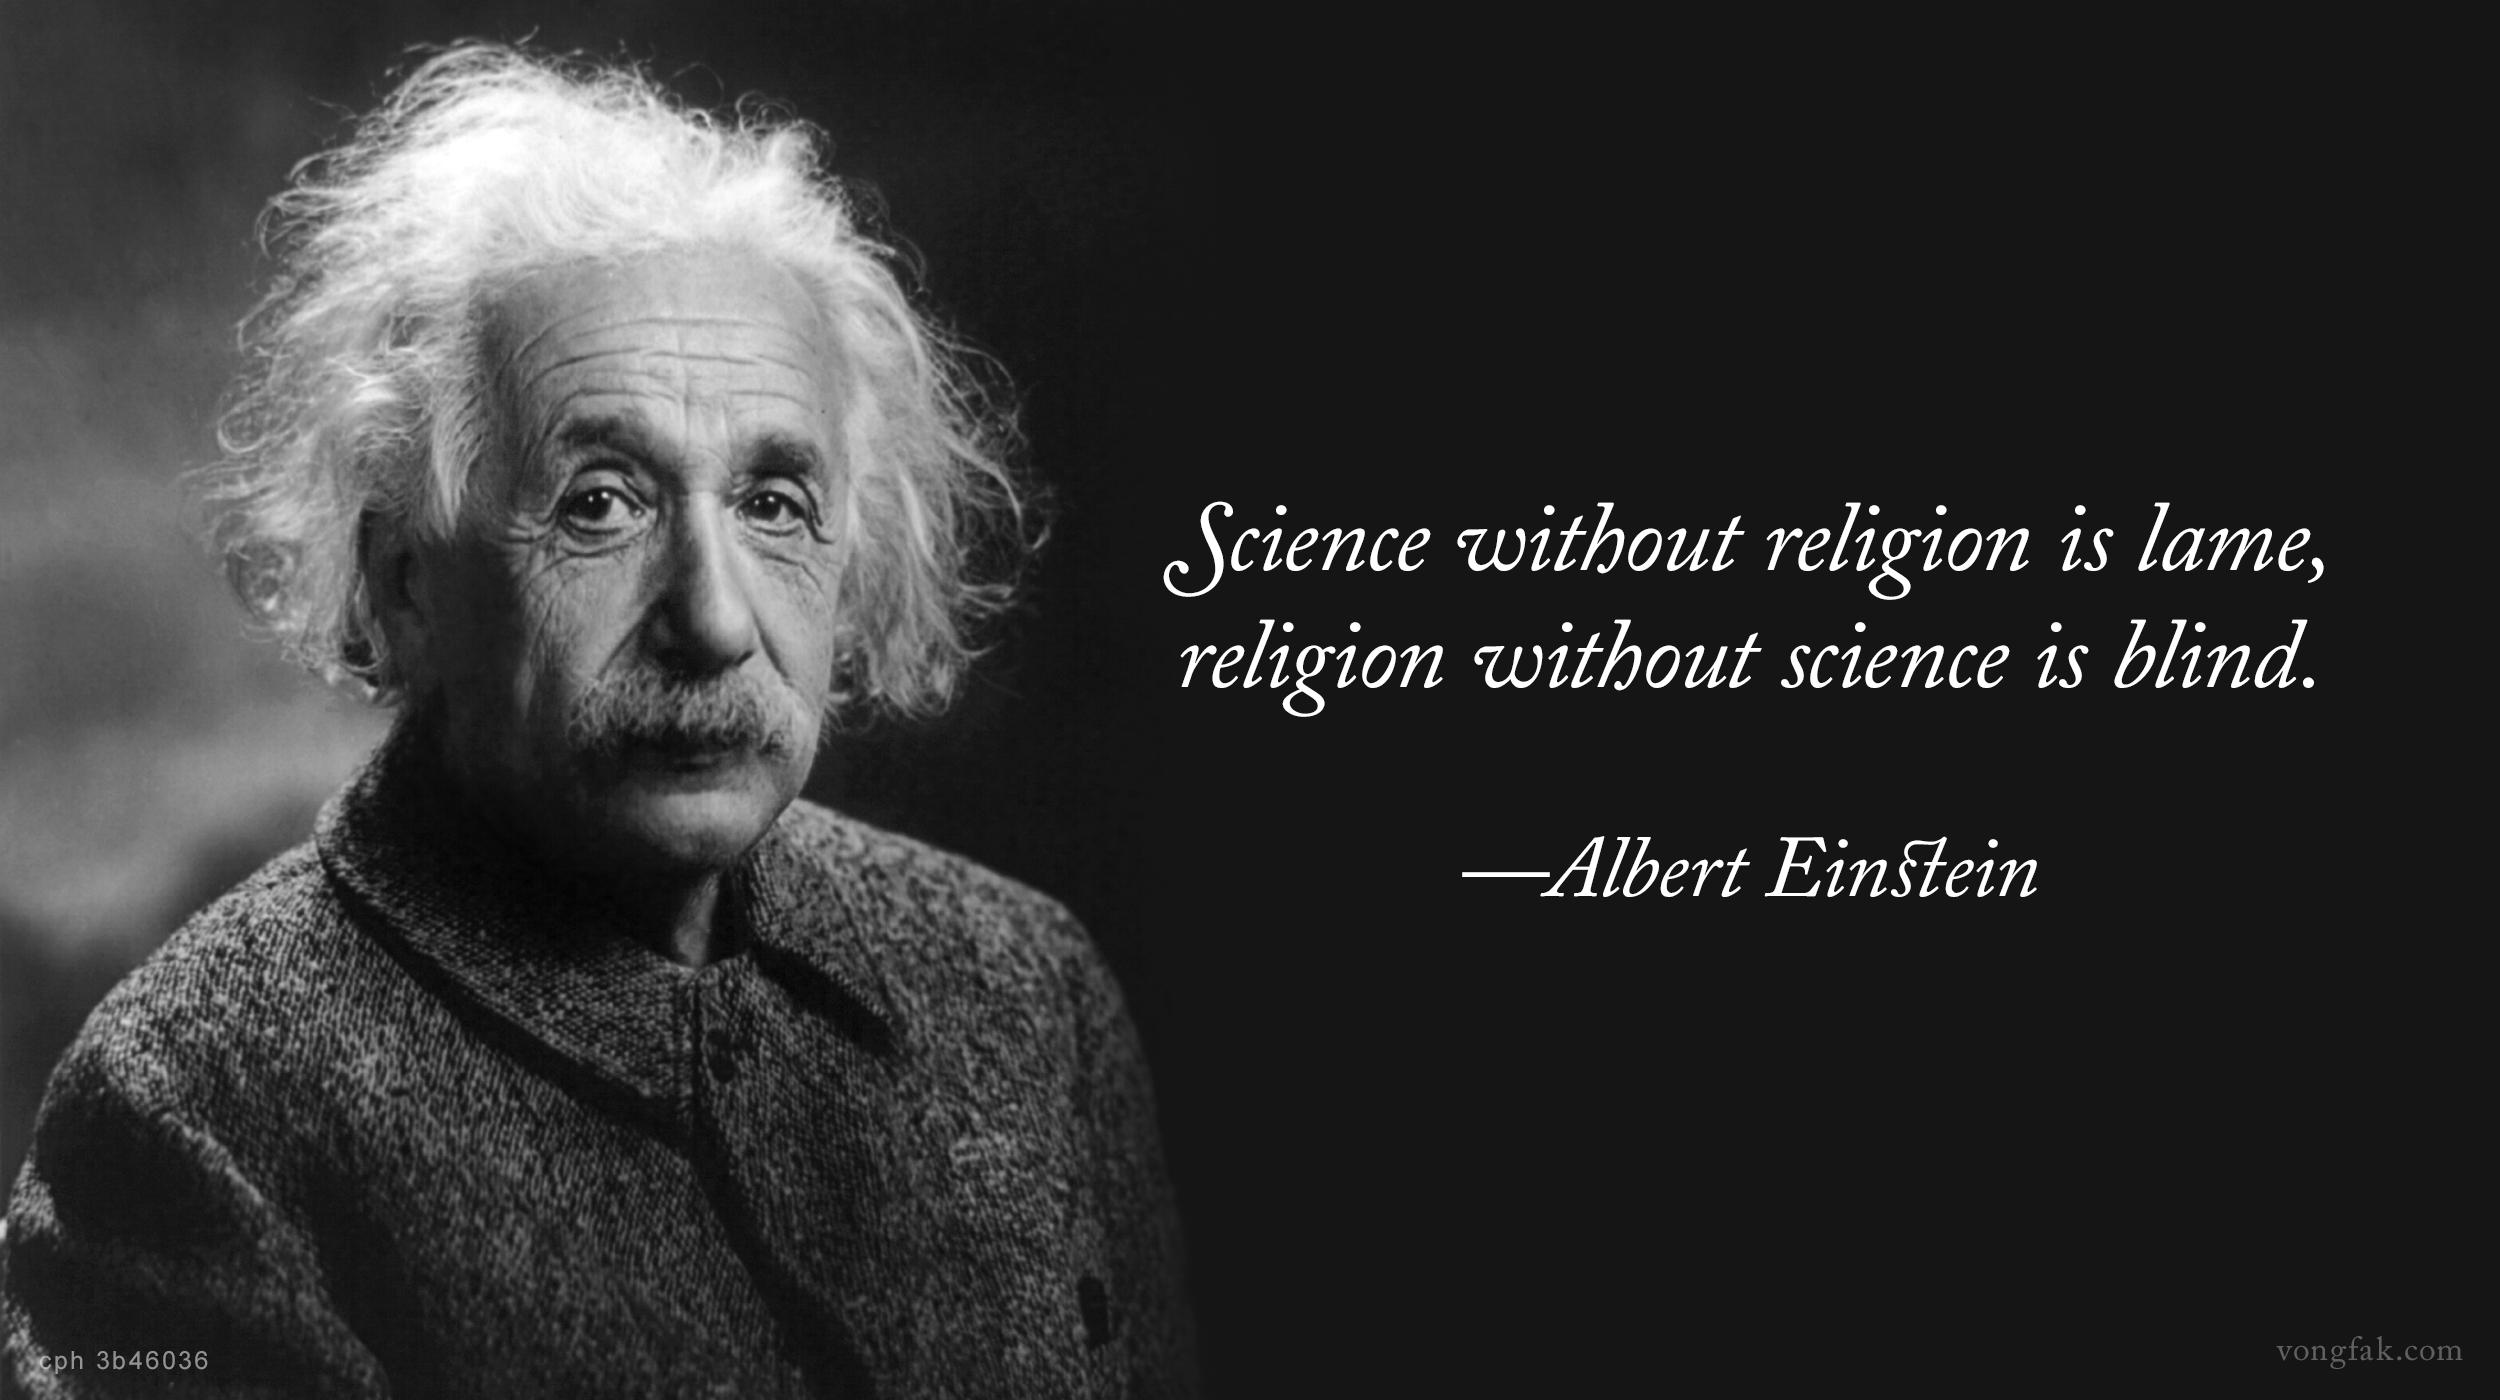 Quote_AlbertEinstein_07.png